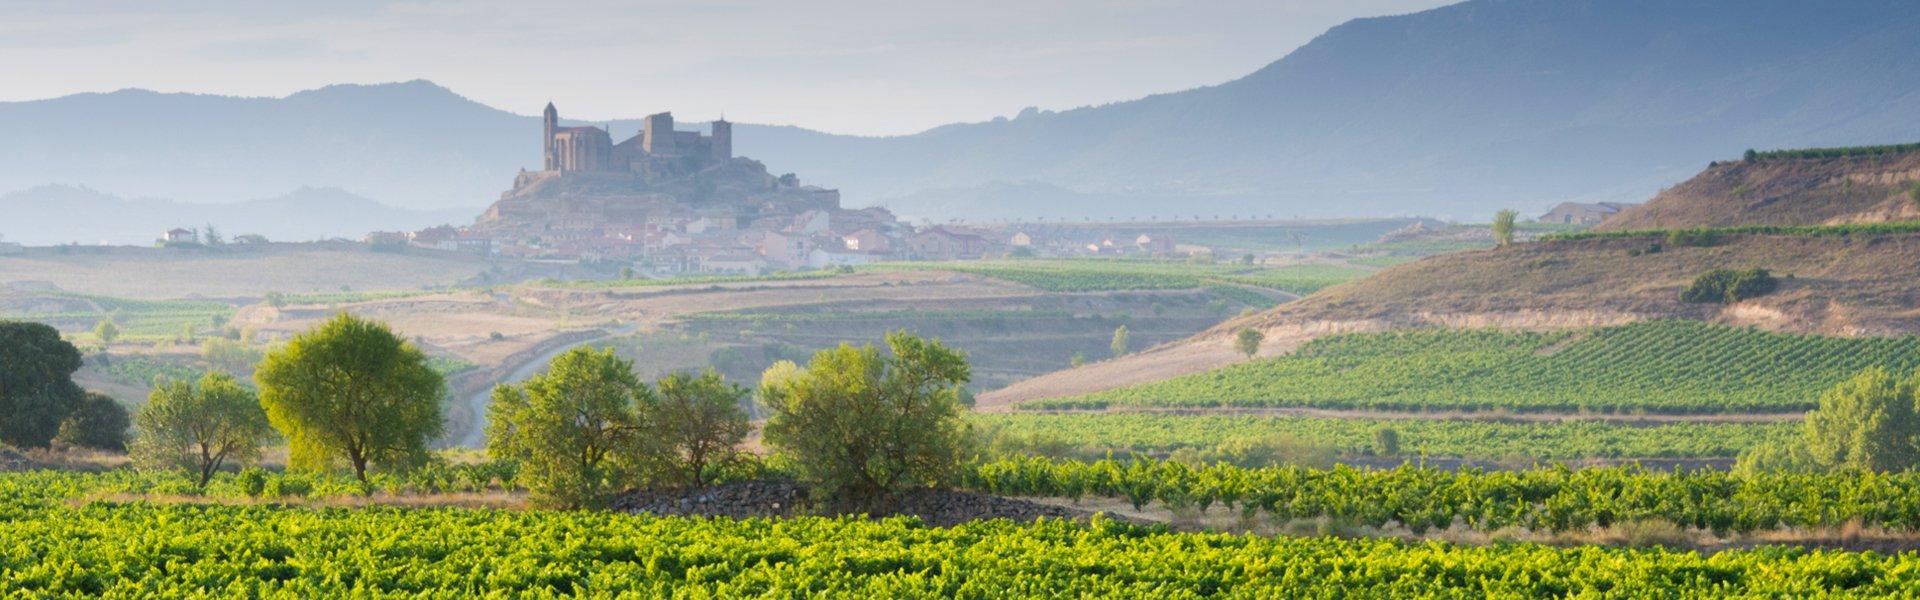 Riojastreek in Spanje